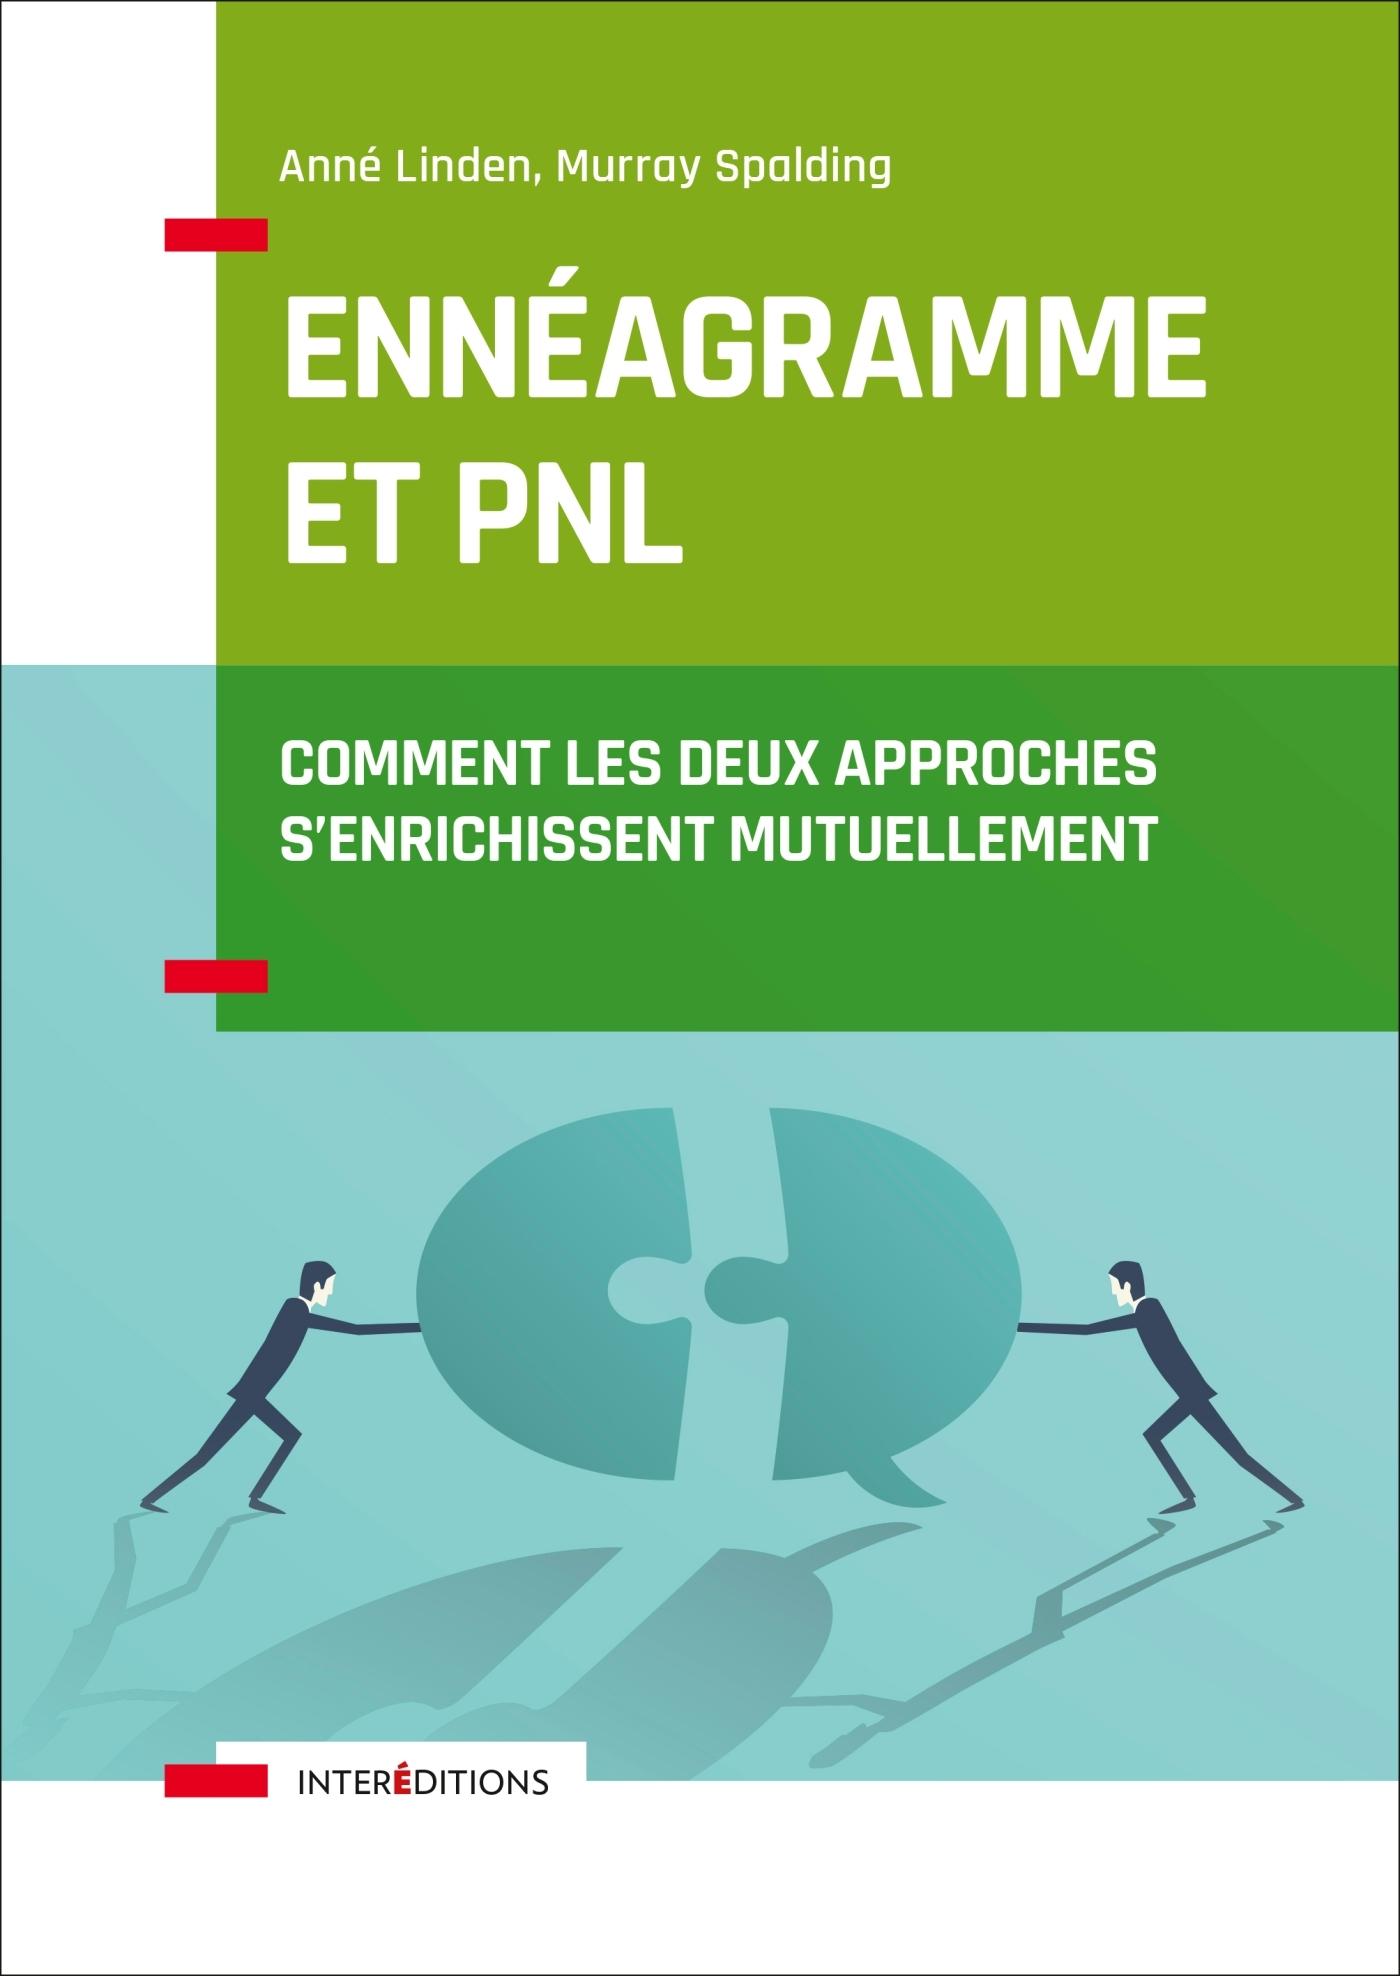 ENNEAGRAMME ET PNL - COMMENT LES DEUX APPROCHES S'ENRICHISSENT MUTUELLEMENT